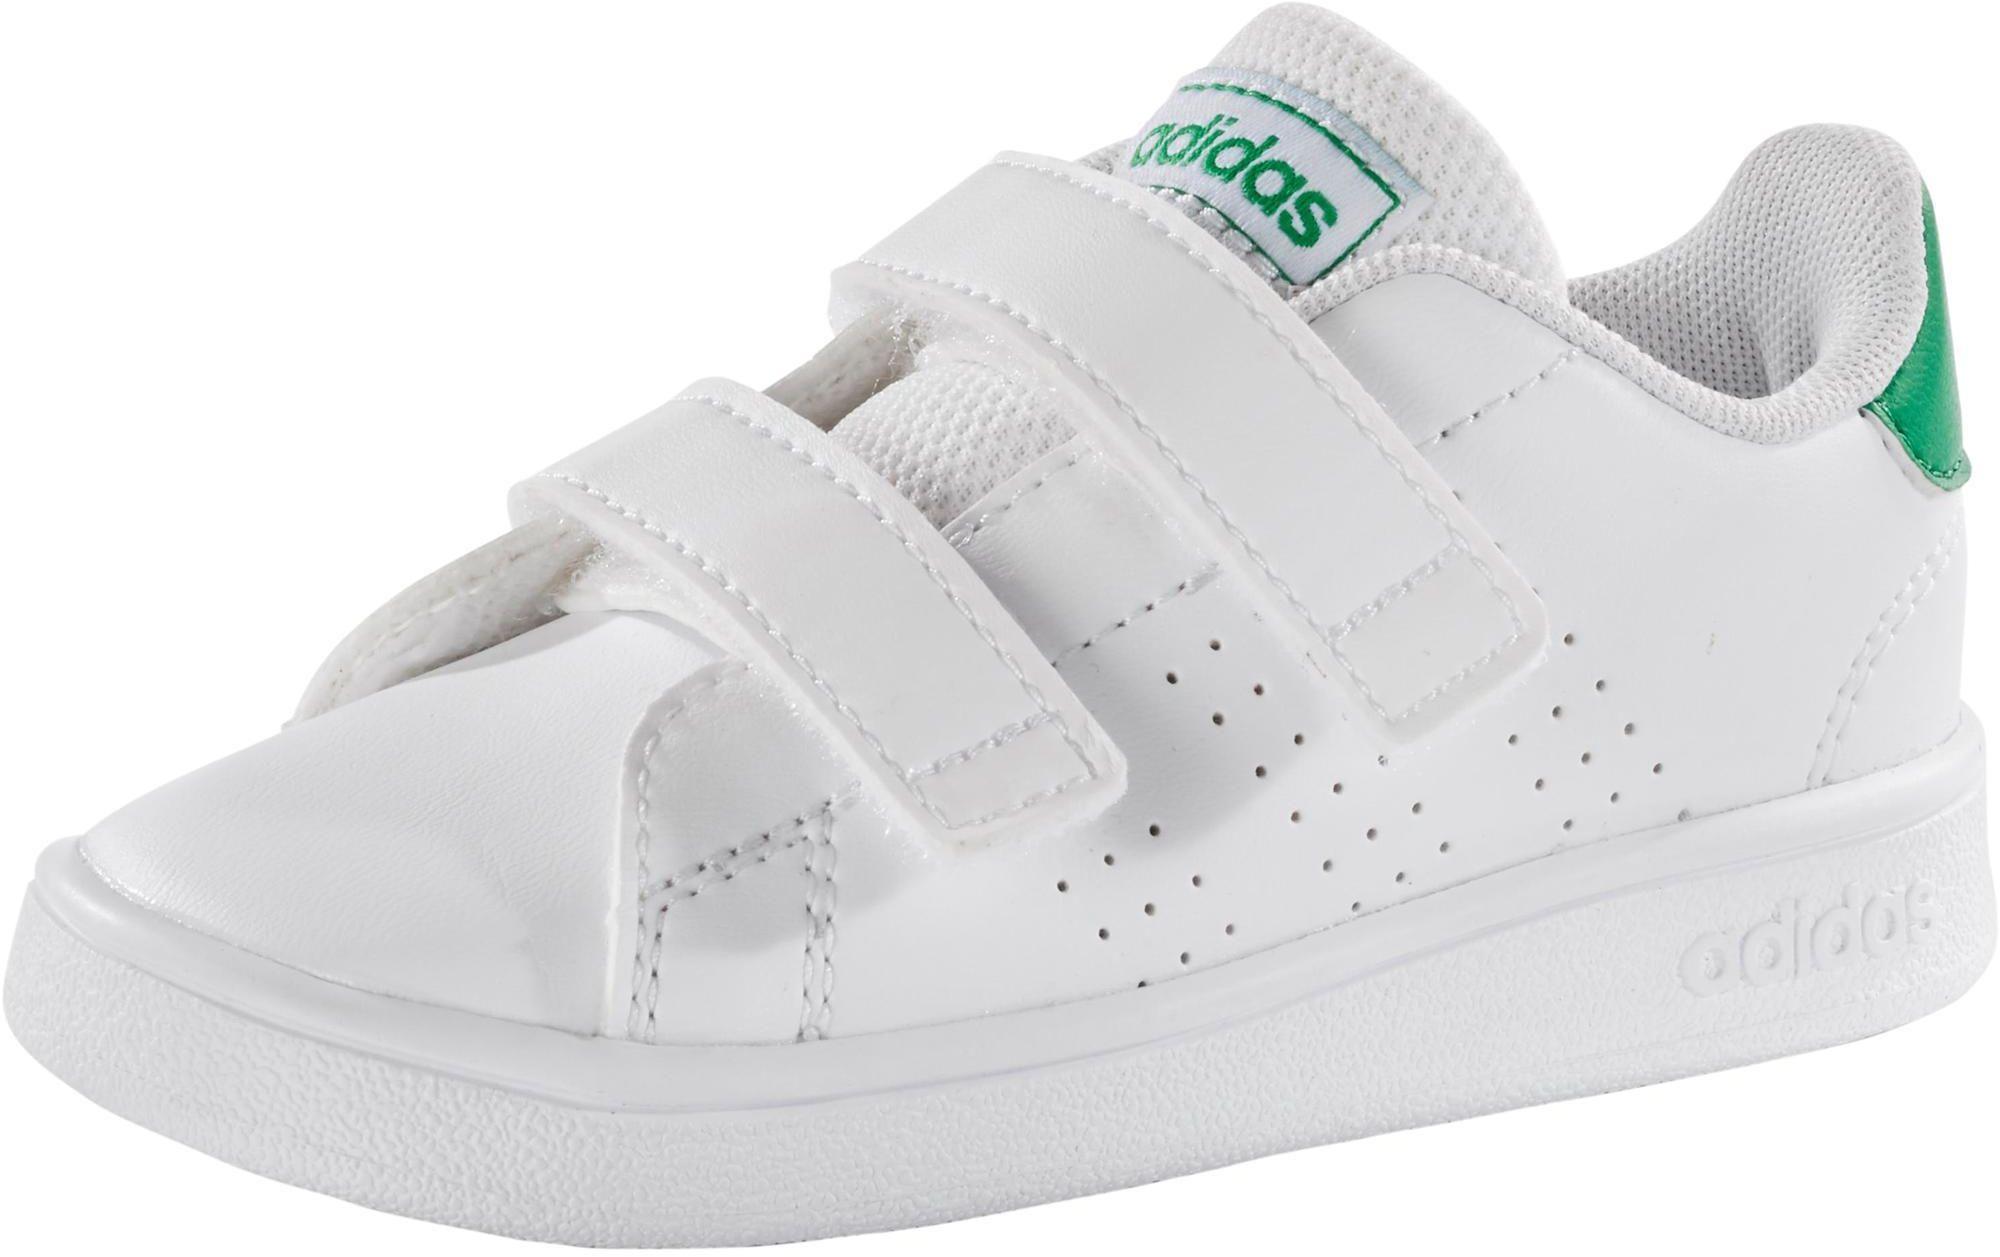 Buty do gimnastyki dla niemowlaka Adidas Advantage